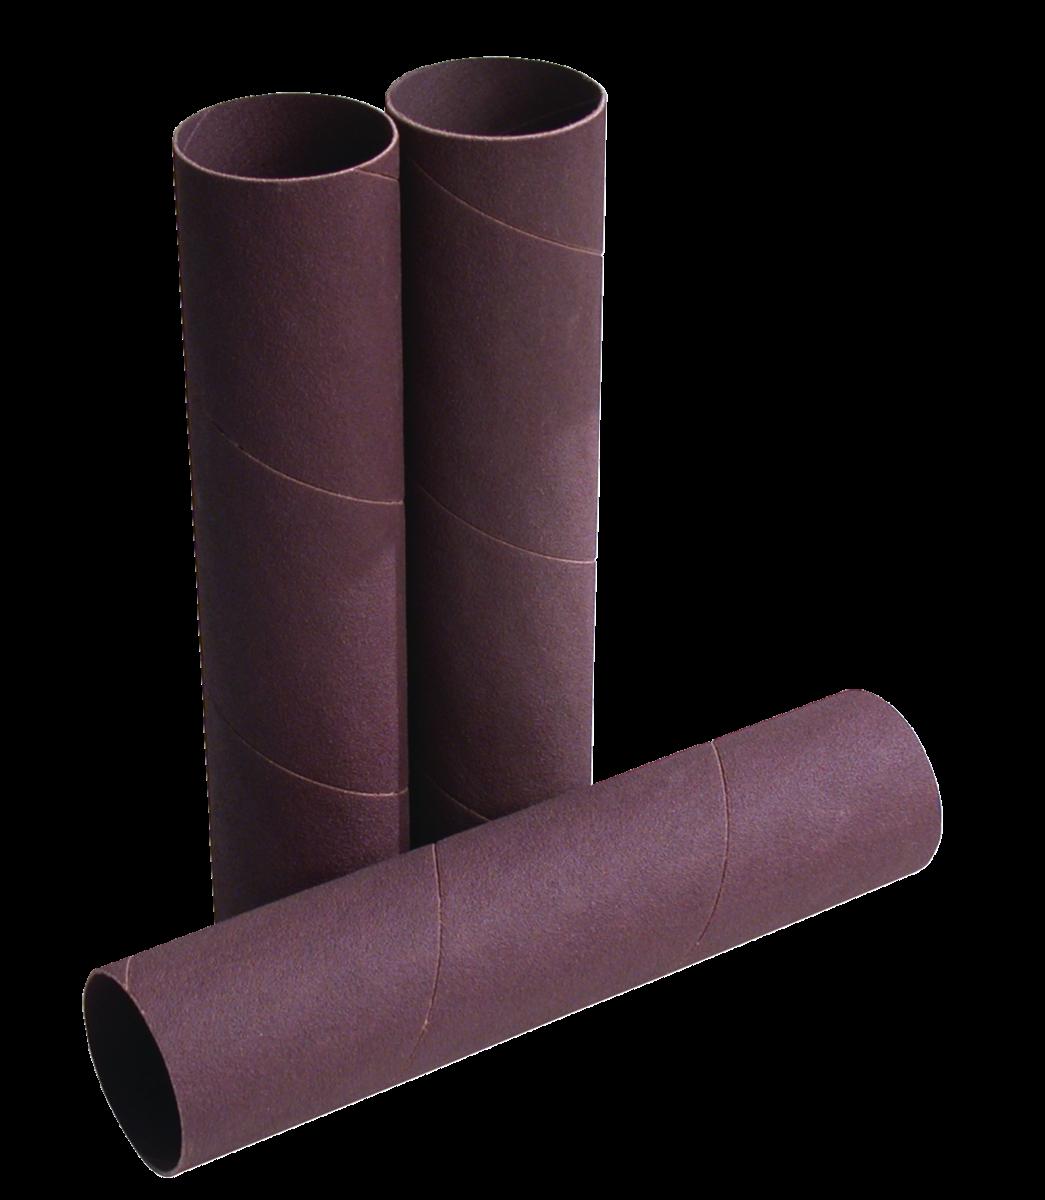 """Sanding Sleeves, 2""""x5-1/2"""", 100 Grit (4 pack)"""